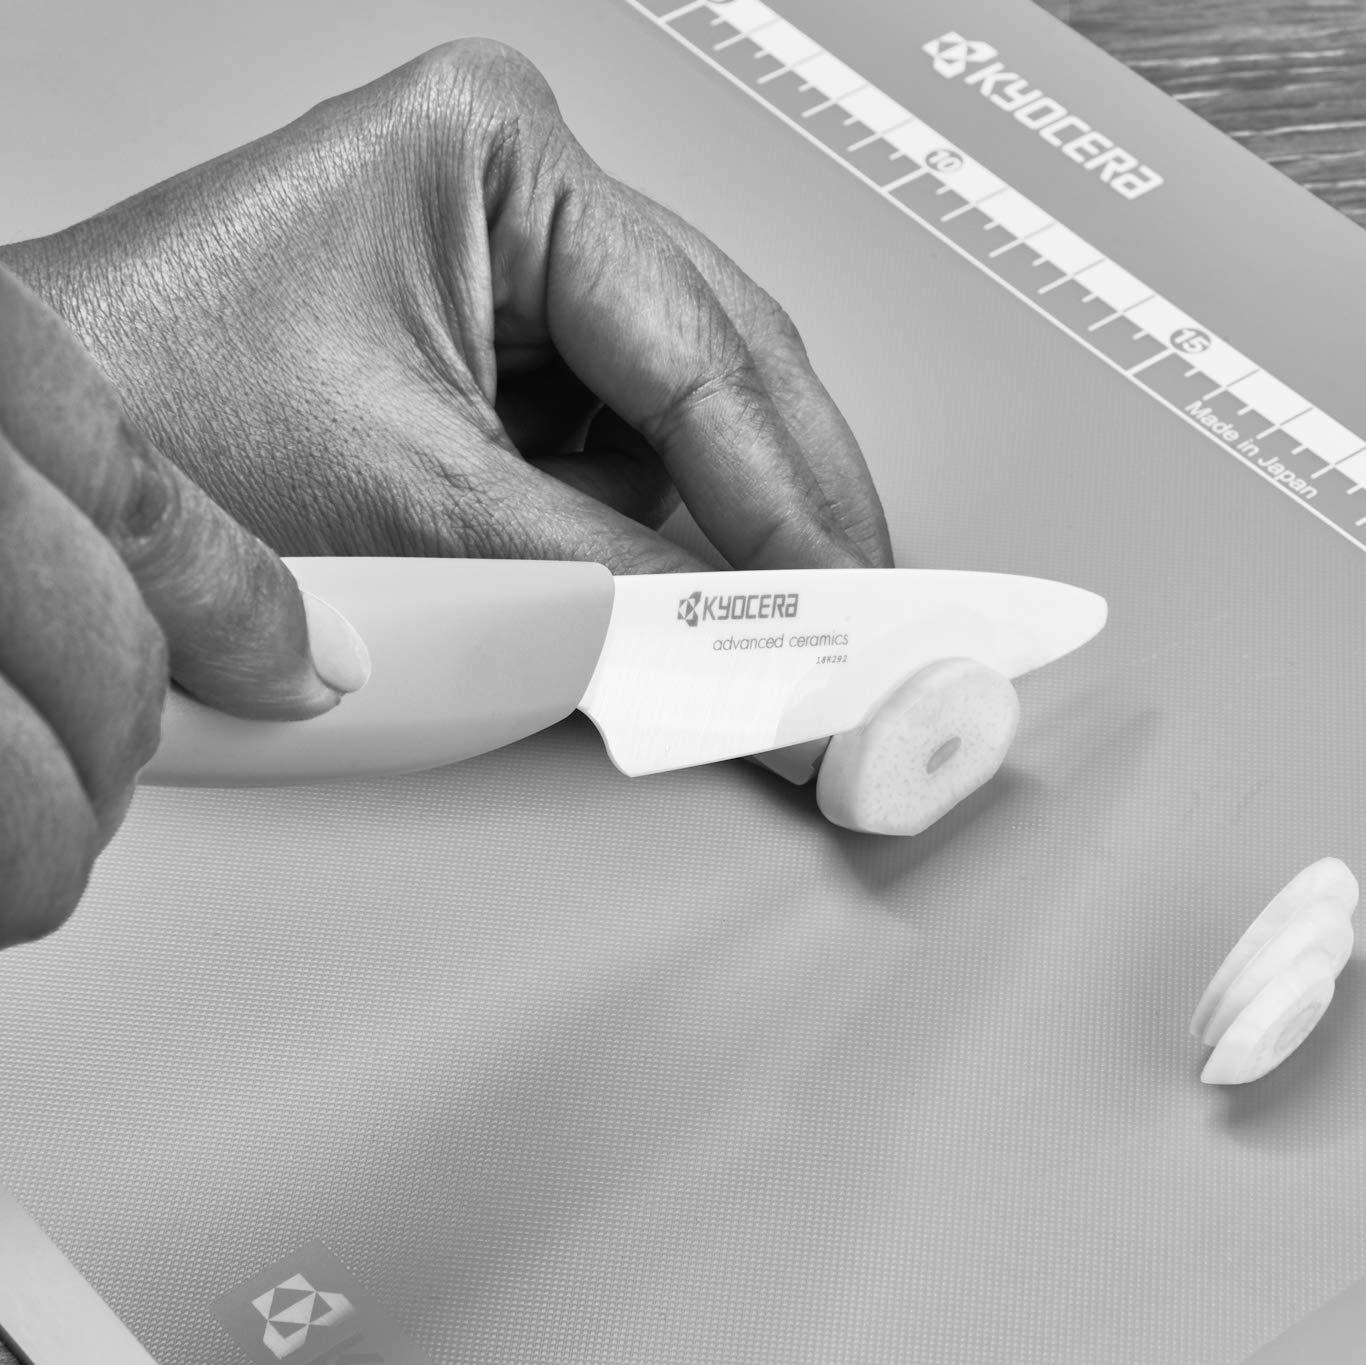 KYOCERA KYOCOF-WH WH - Estuche con Cuchillo Santoku y Cuchillo pequeño de precisión, Hoja de cerámica y Mango ergonómico Color Blanco